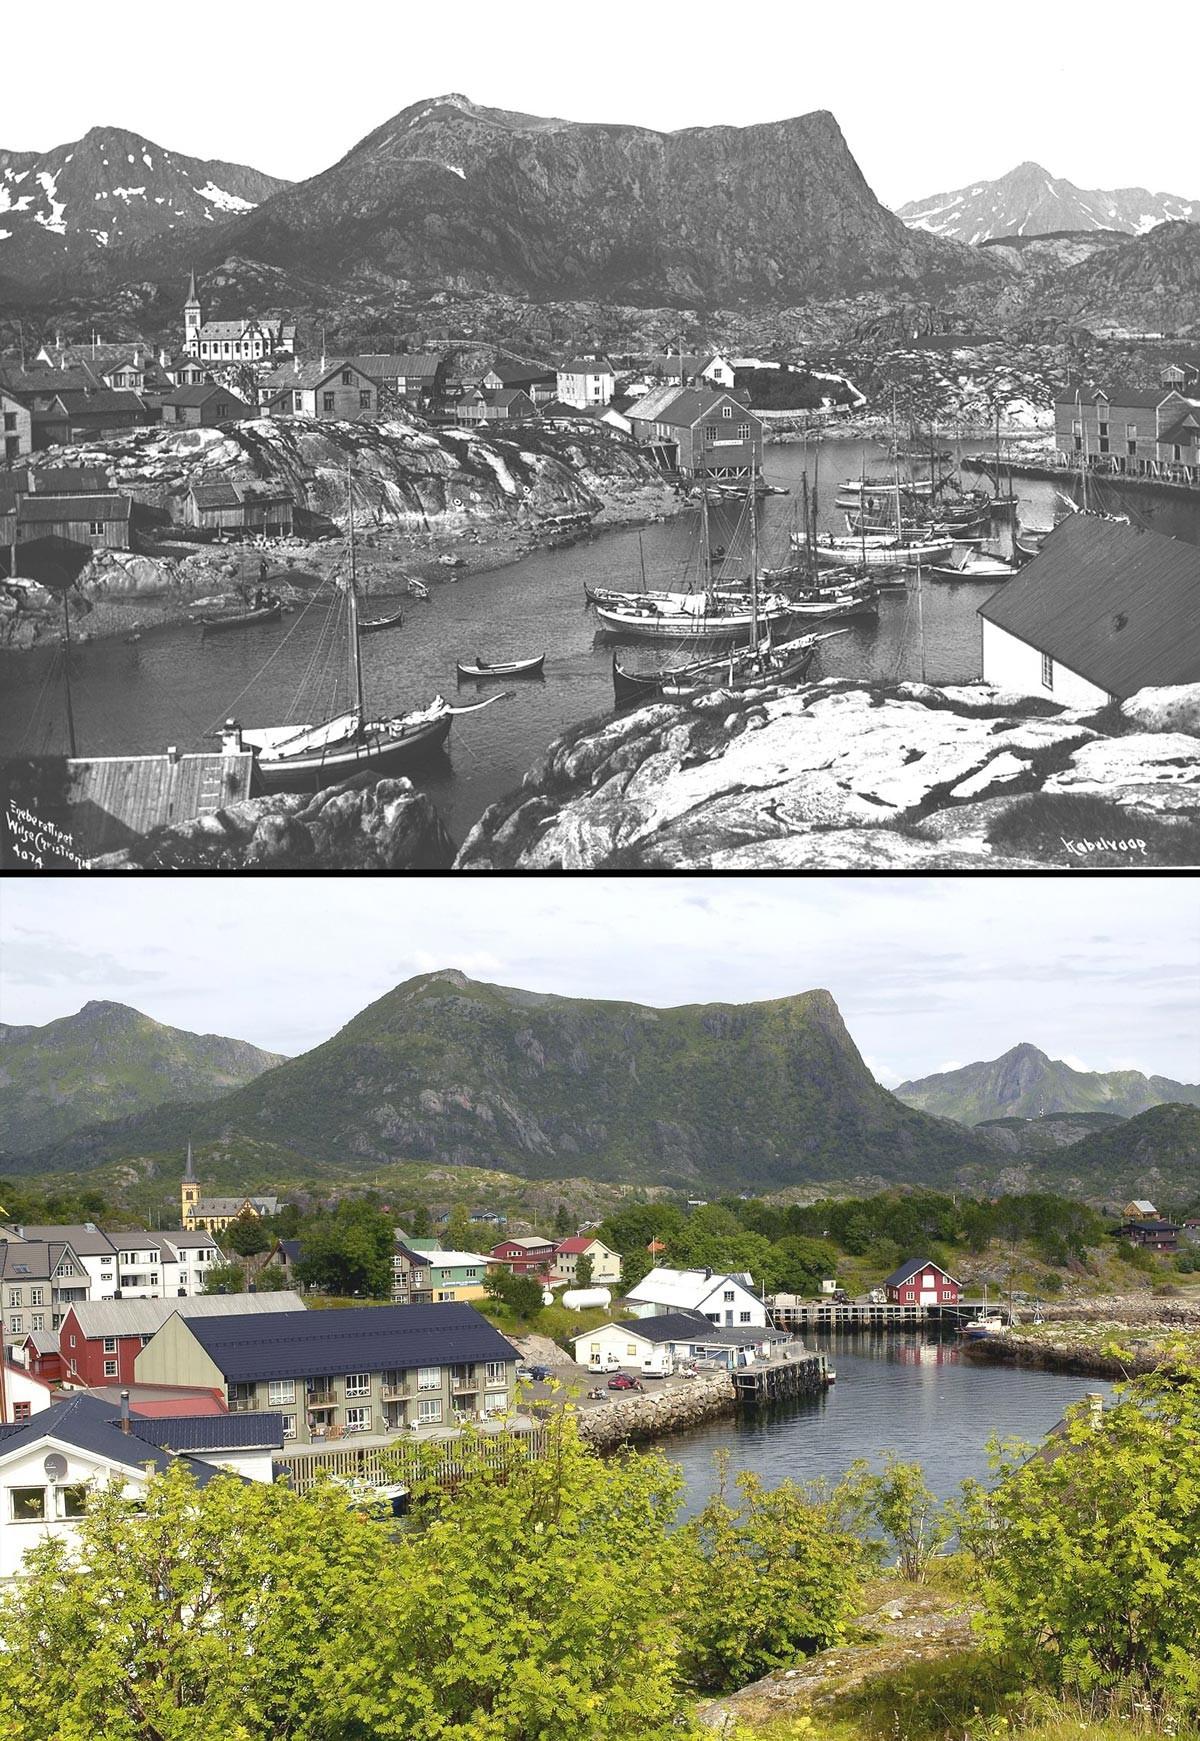 Noruega antes e após o petróleo: a transformação do país em imagens 11